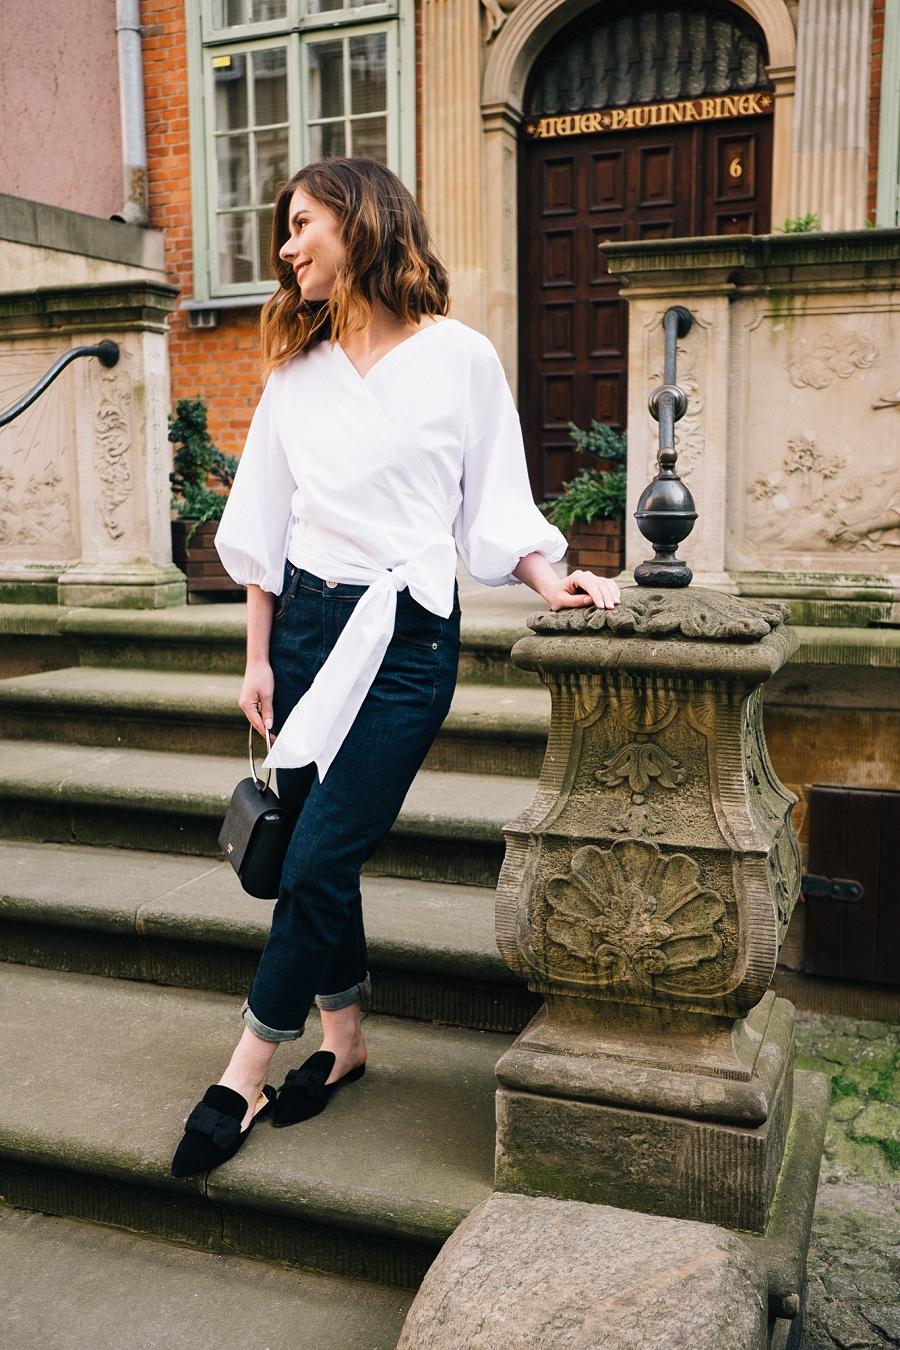 Style Guide Answear.com - klasyczne jeansy, torebka na metalowej obręczy, mule i biała koszula